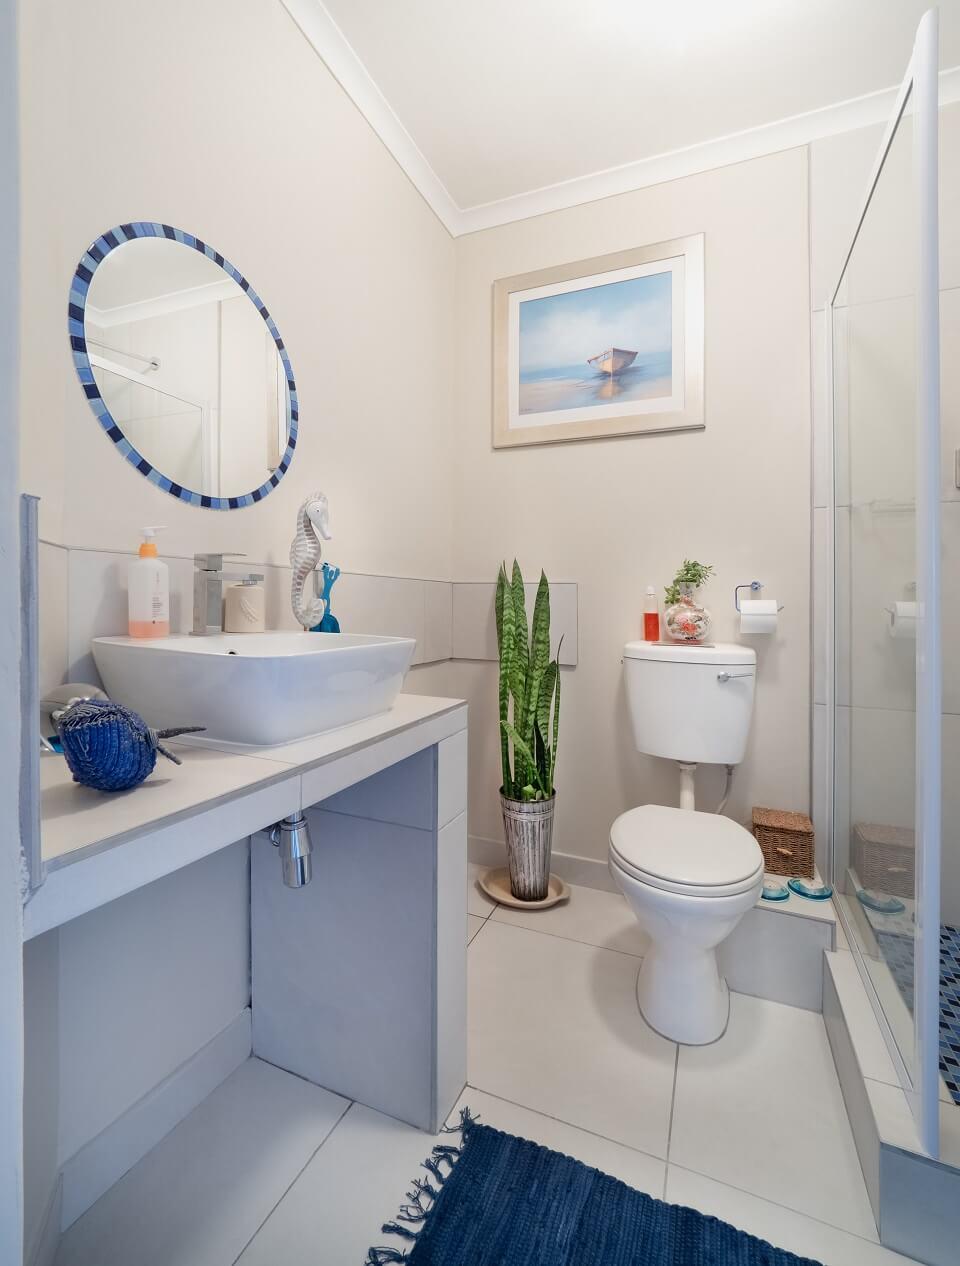 светло-кремовые стены в сочетании с белыми элементами и ярко-синими аксессуарами